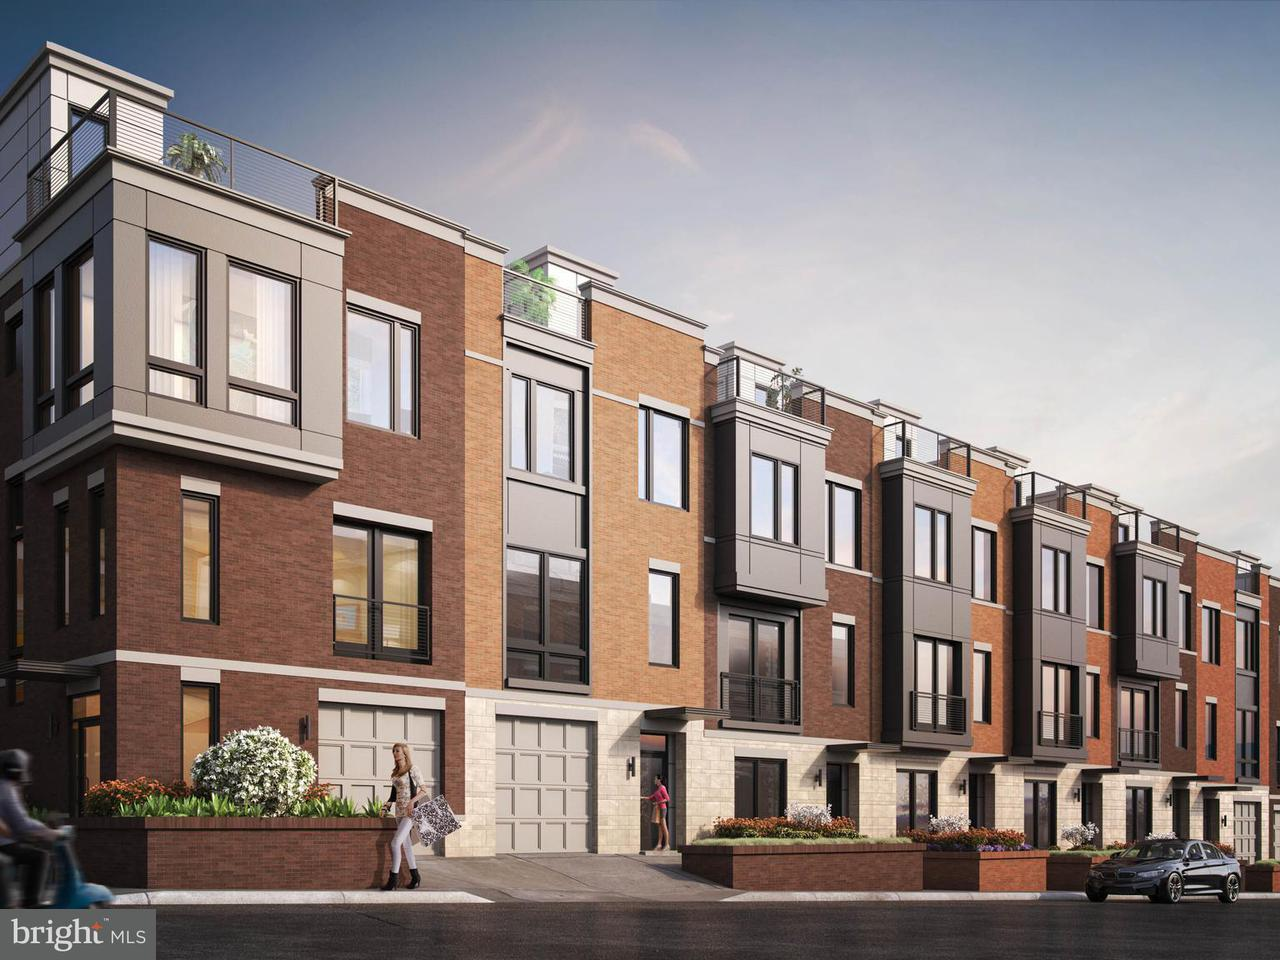 Stadthaus für Verkauf beim 1223 Cooksie Street 1223 Cooksie Street Baltimore, Maryland 21230 Vereinigte Staaten